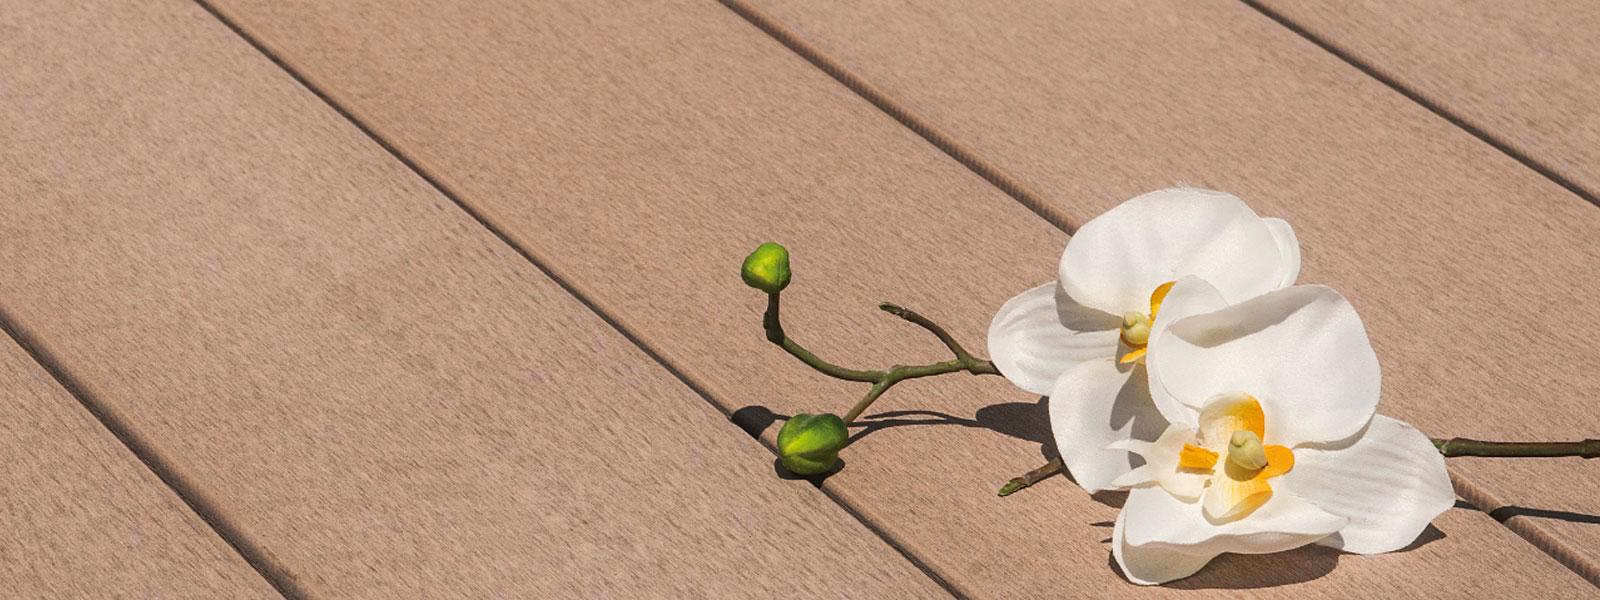 Besser Als Holz Wpc Wasserfeste Produkte Design Aus Resysta